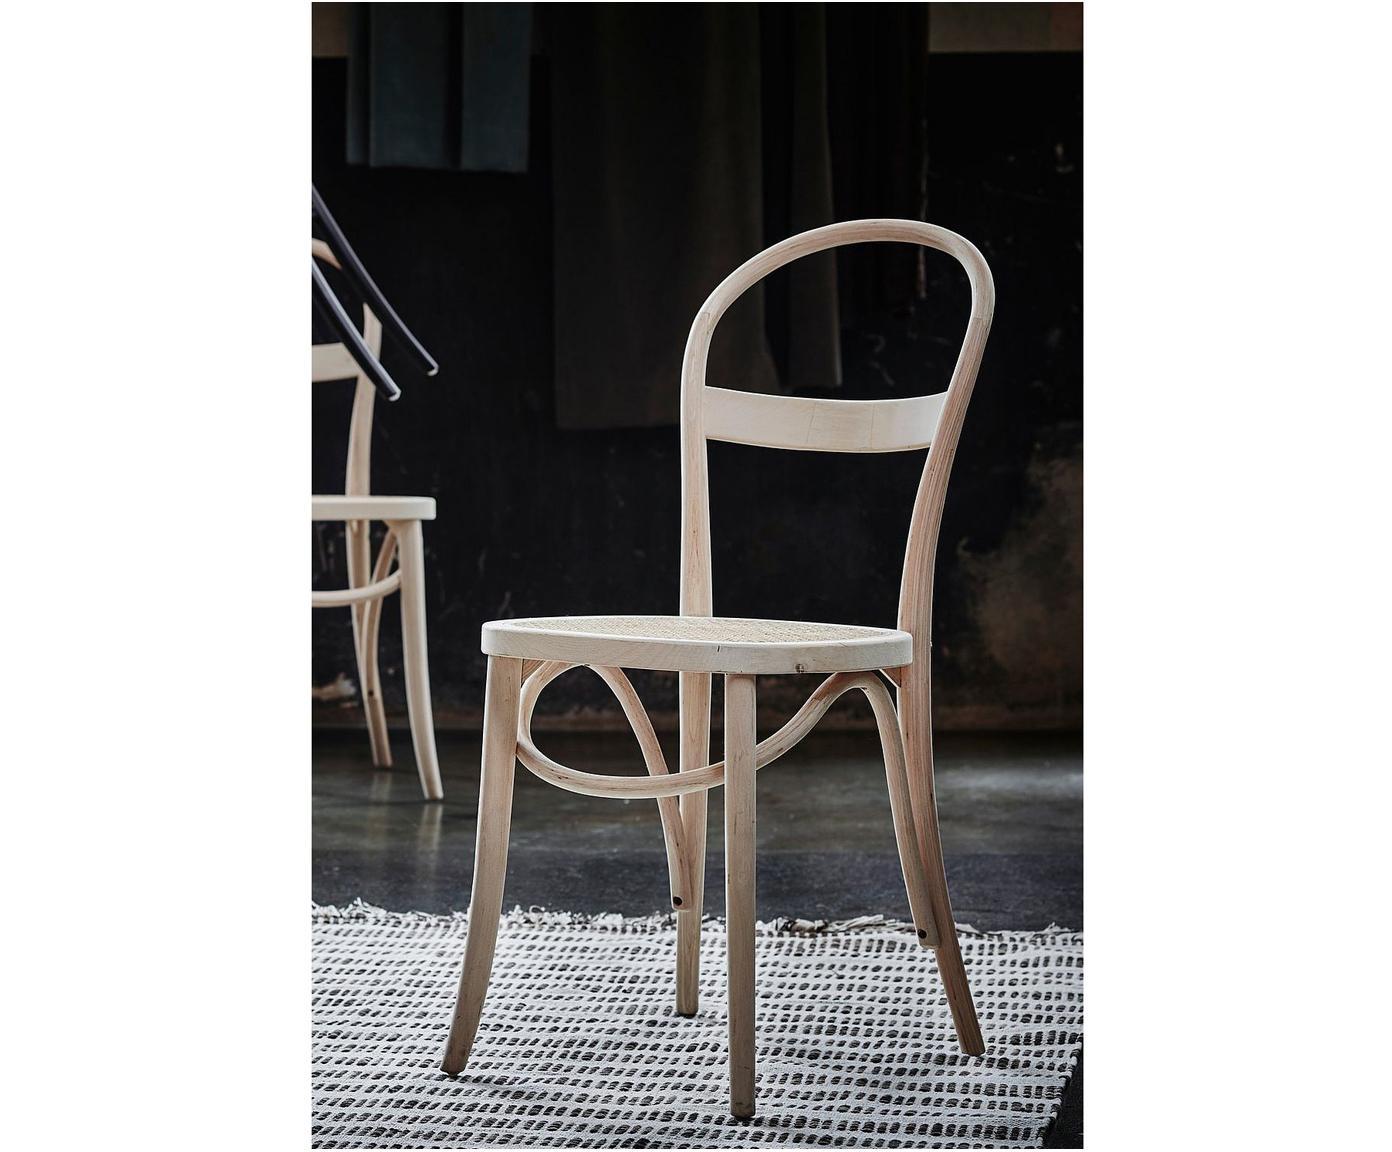 Drewniane krzesło z plecionką wiedeńską Rippats, 2 szt., Stelaż: drewno brzozowe, Drewno brzozowe, rattan, S 39 x G 53 cm